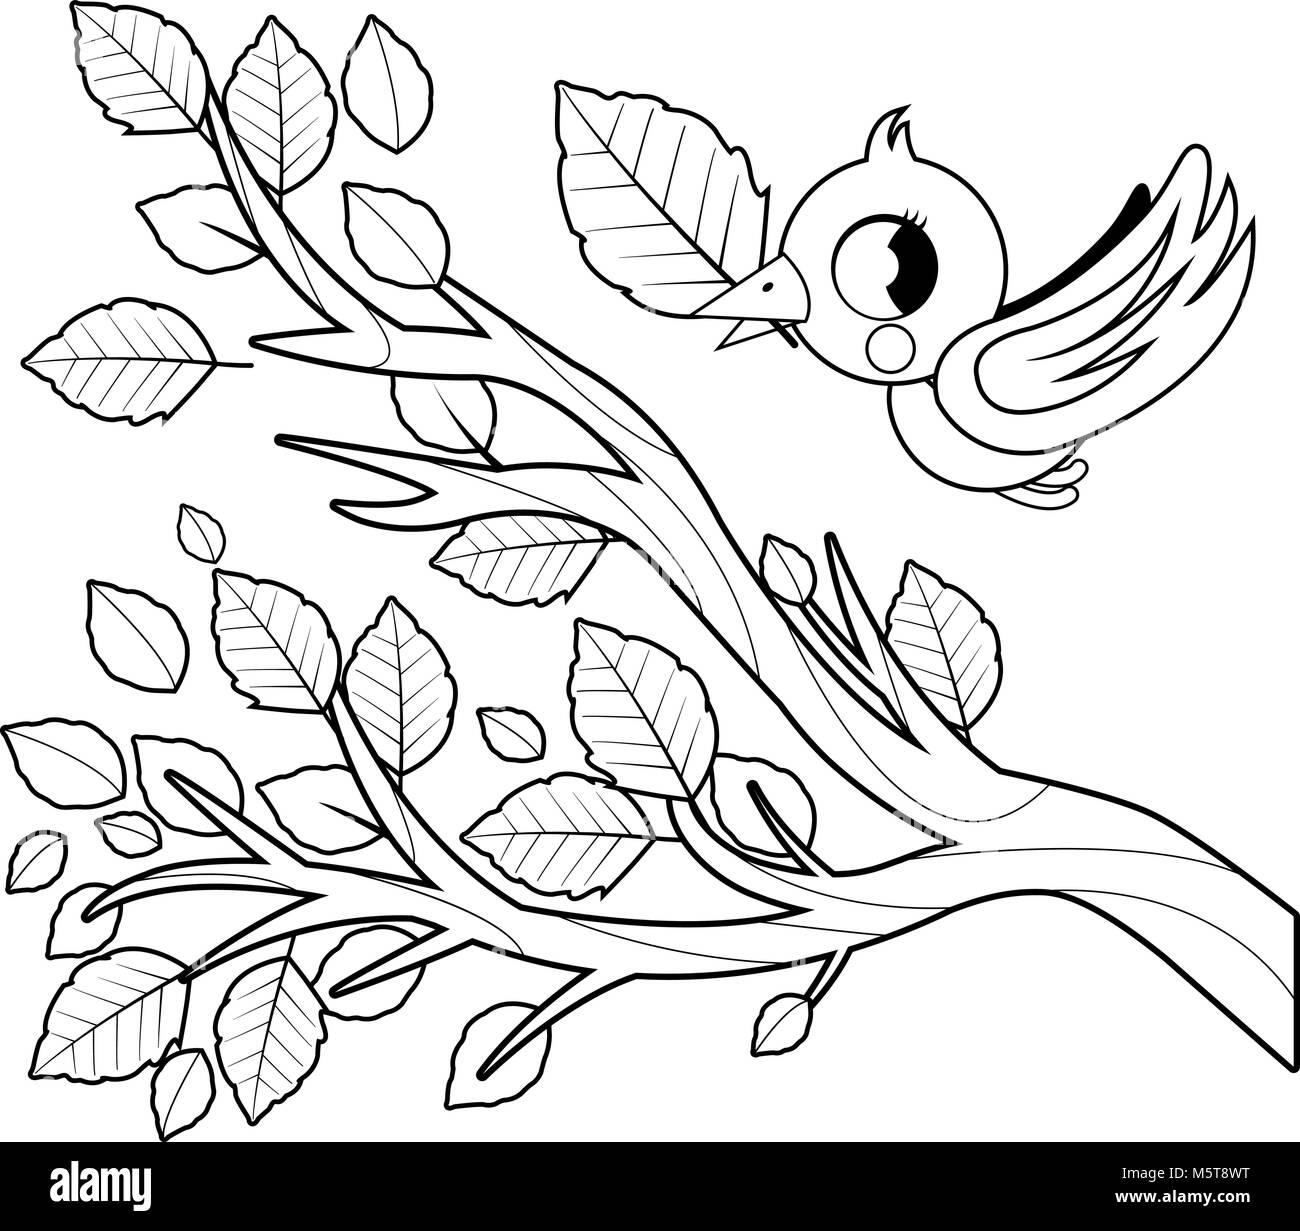 Atractivo Vybz Kartel Para Colorear Libro Mp3 Imágenes - Dibujos ...